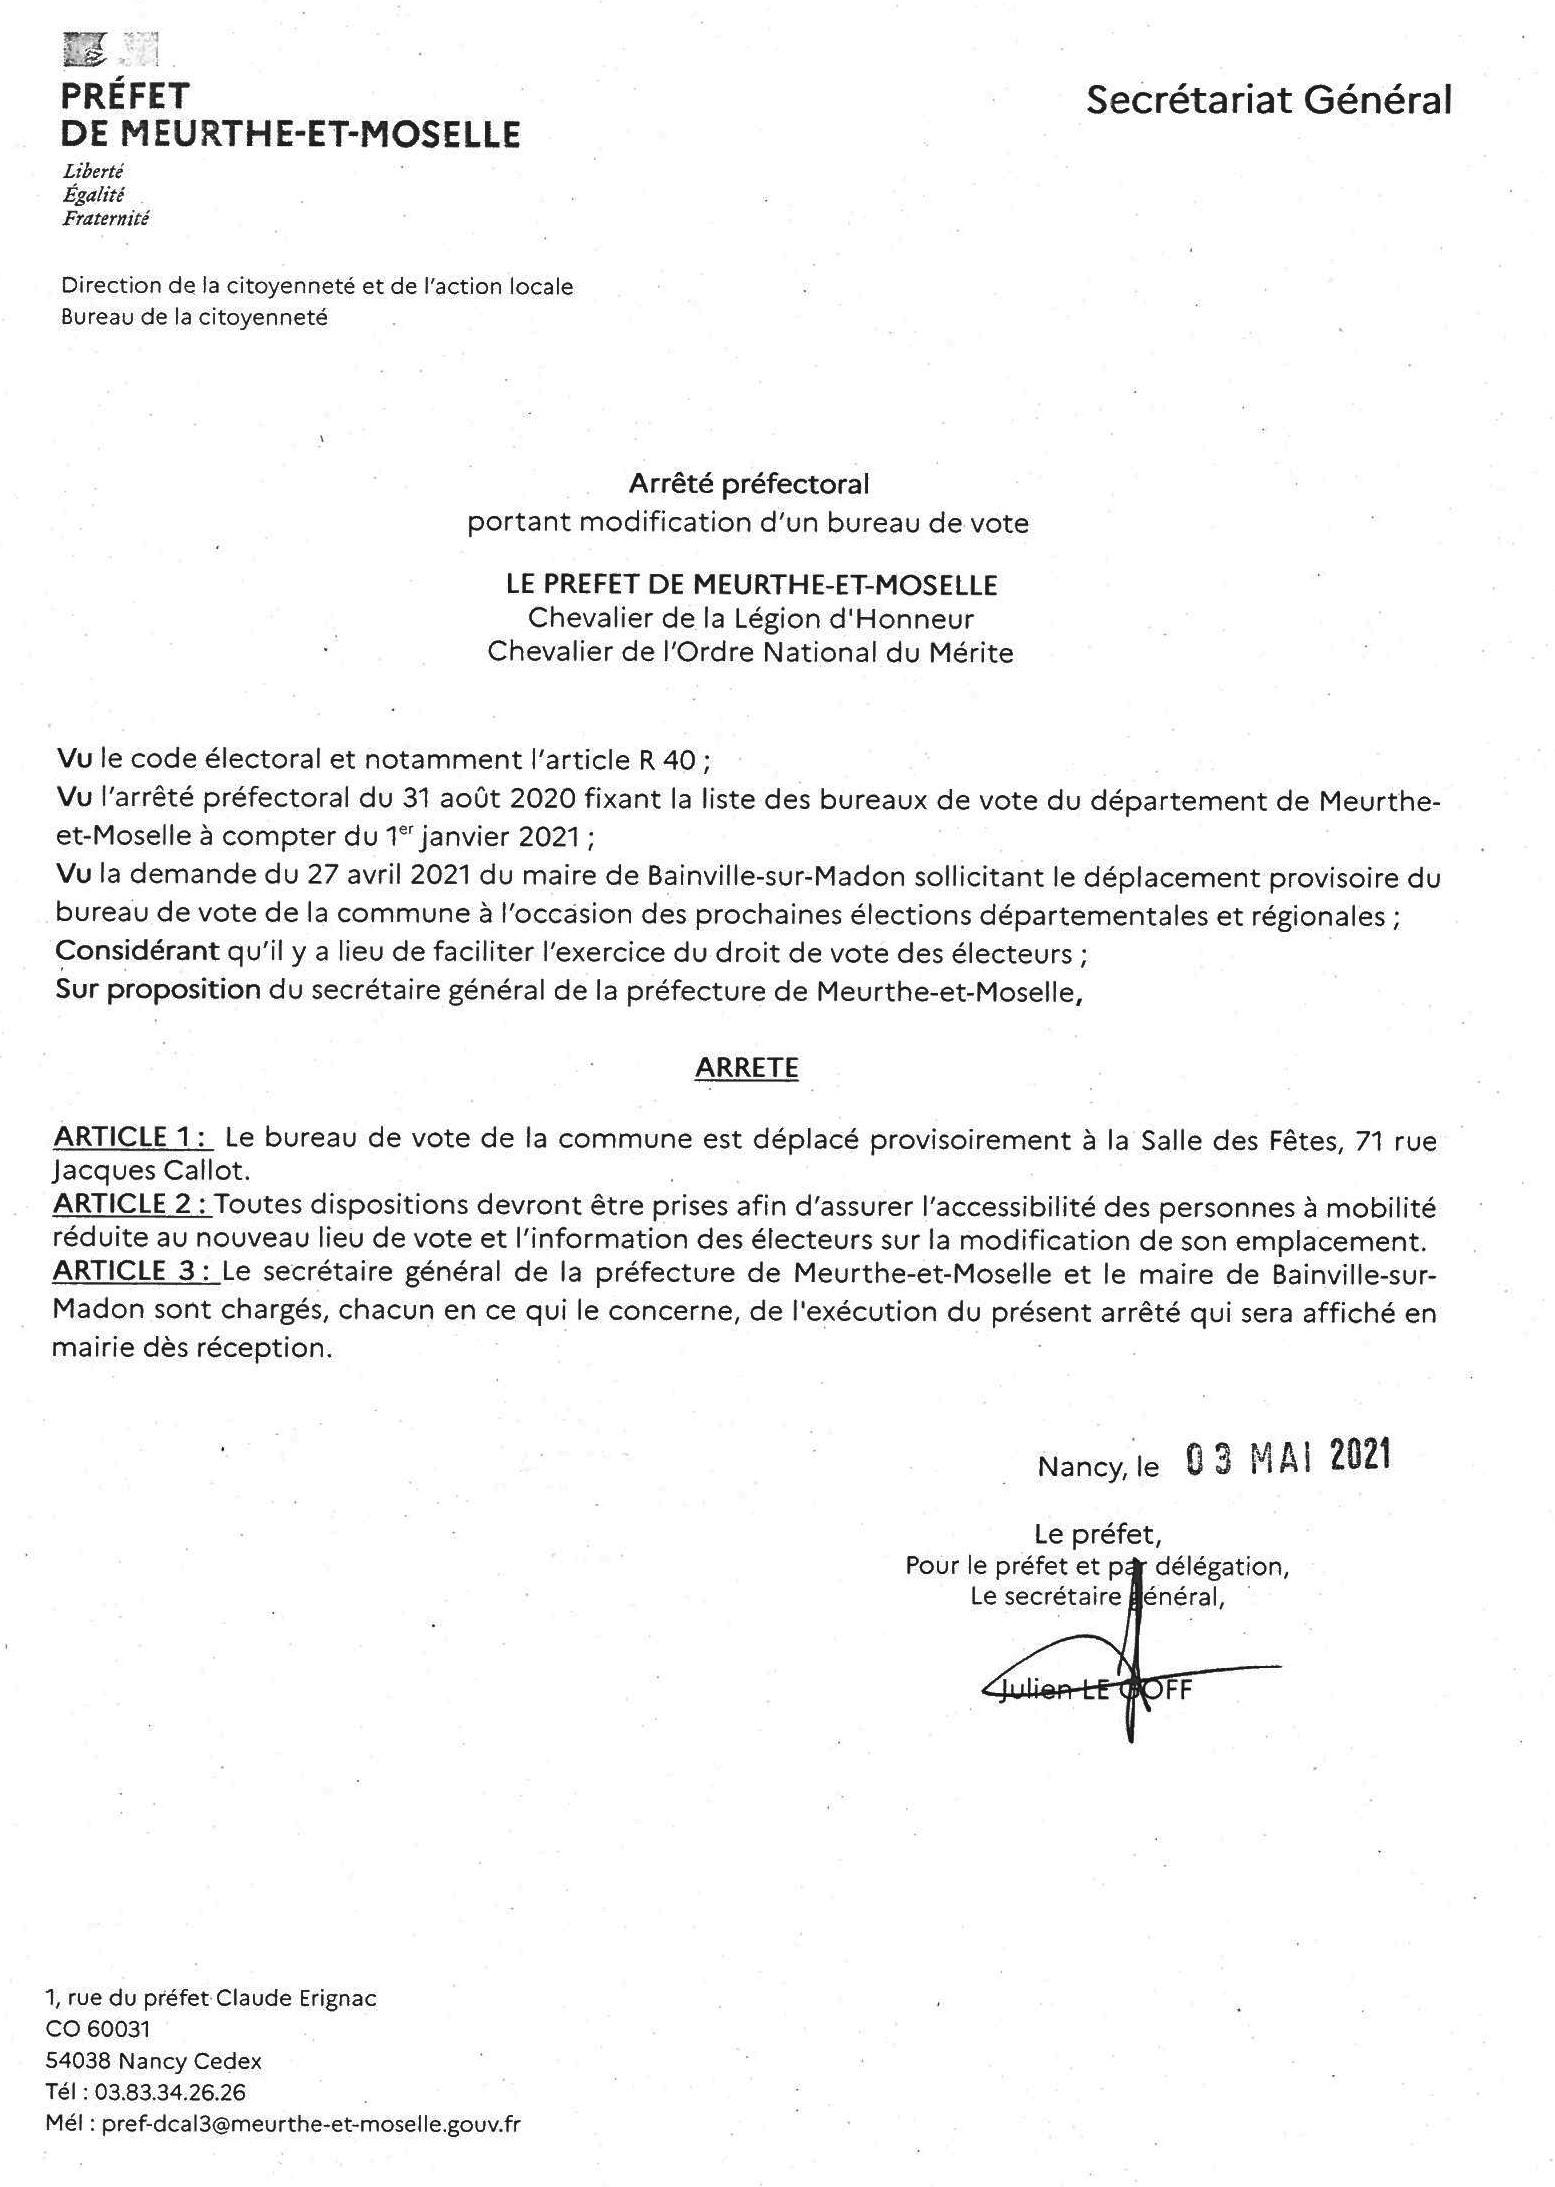 Arrêté de modification de la commission de contrôle des listes électorales